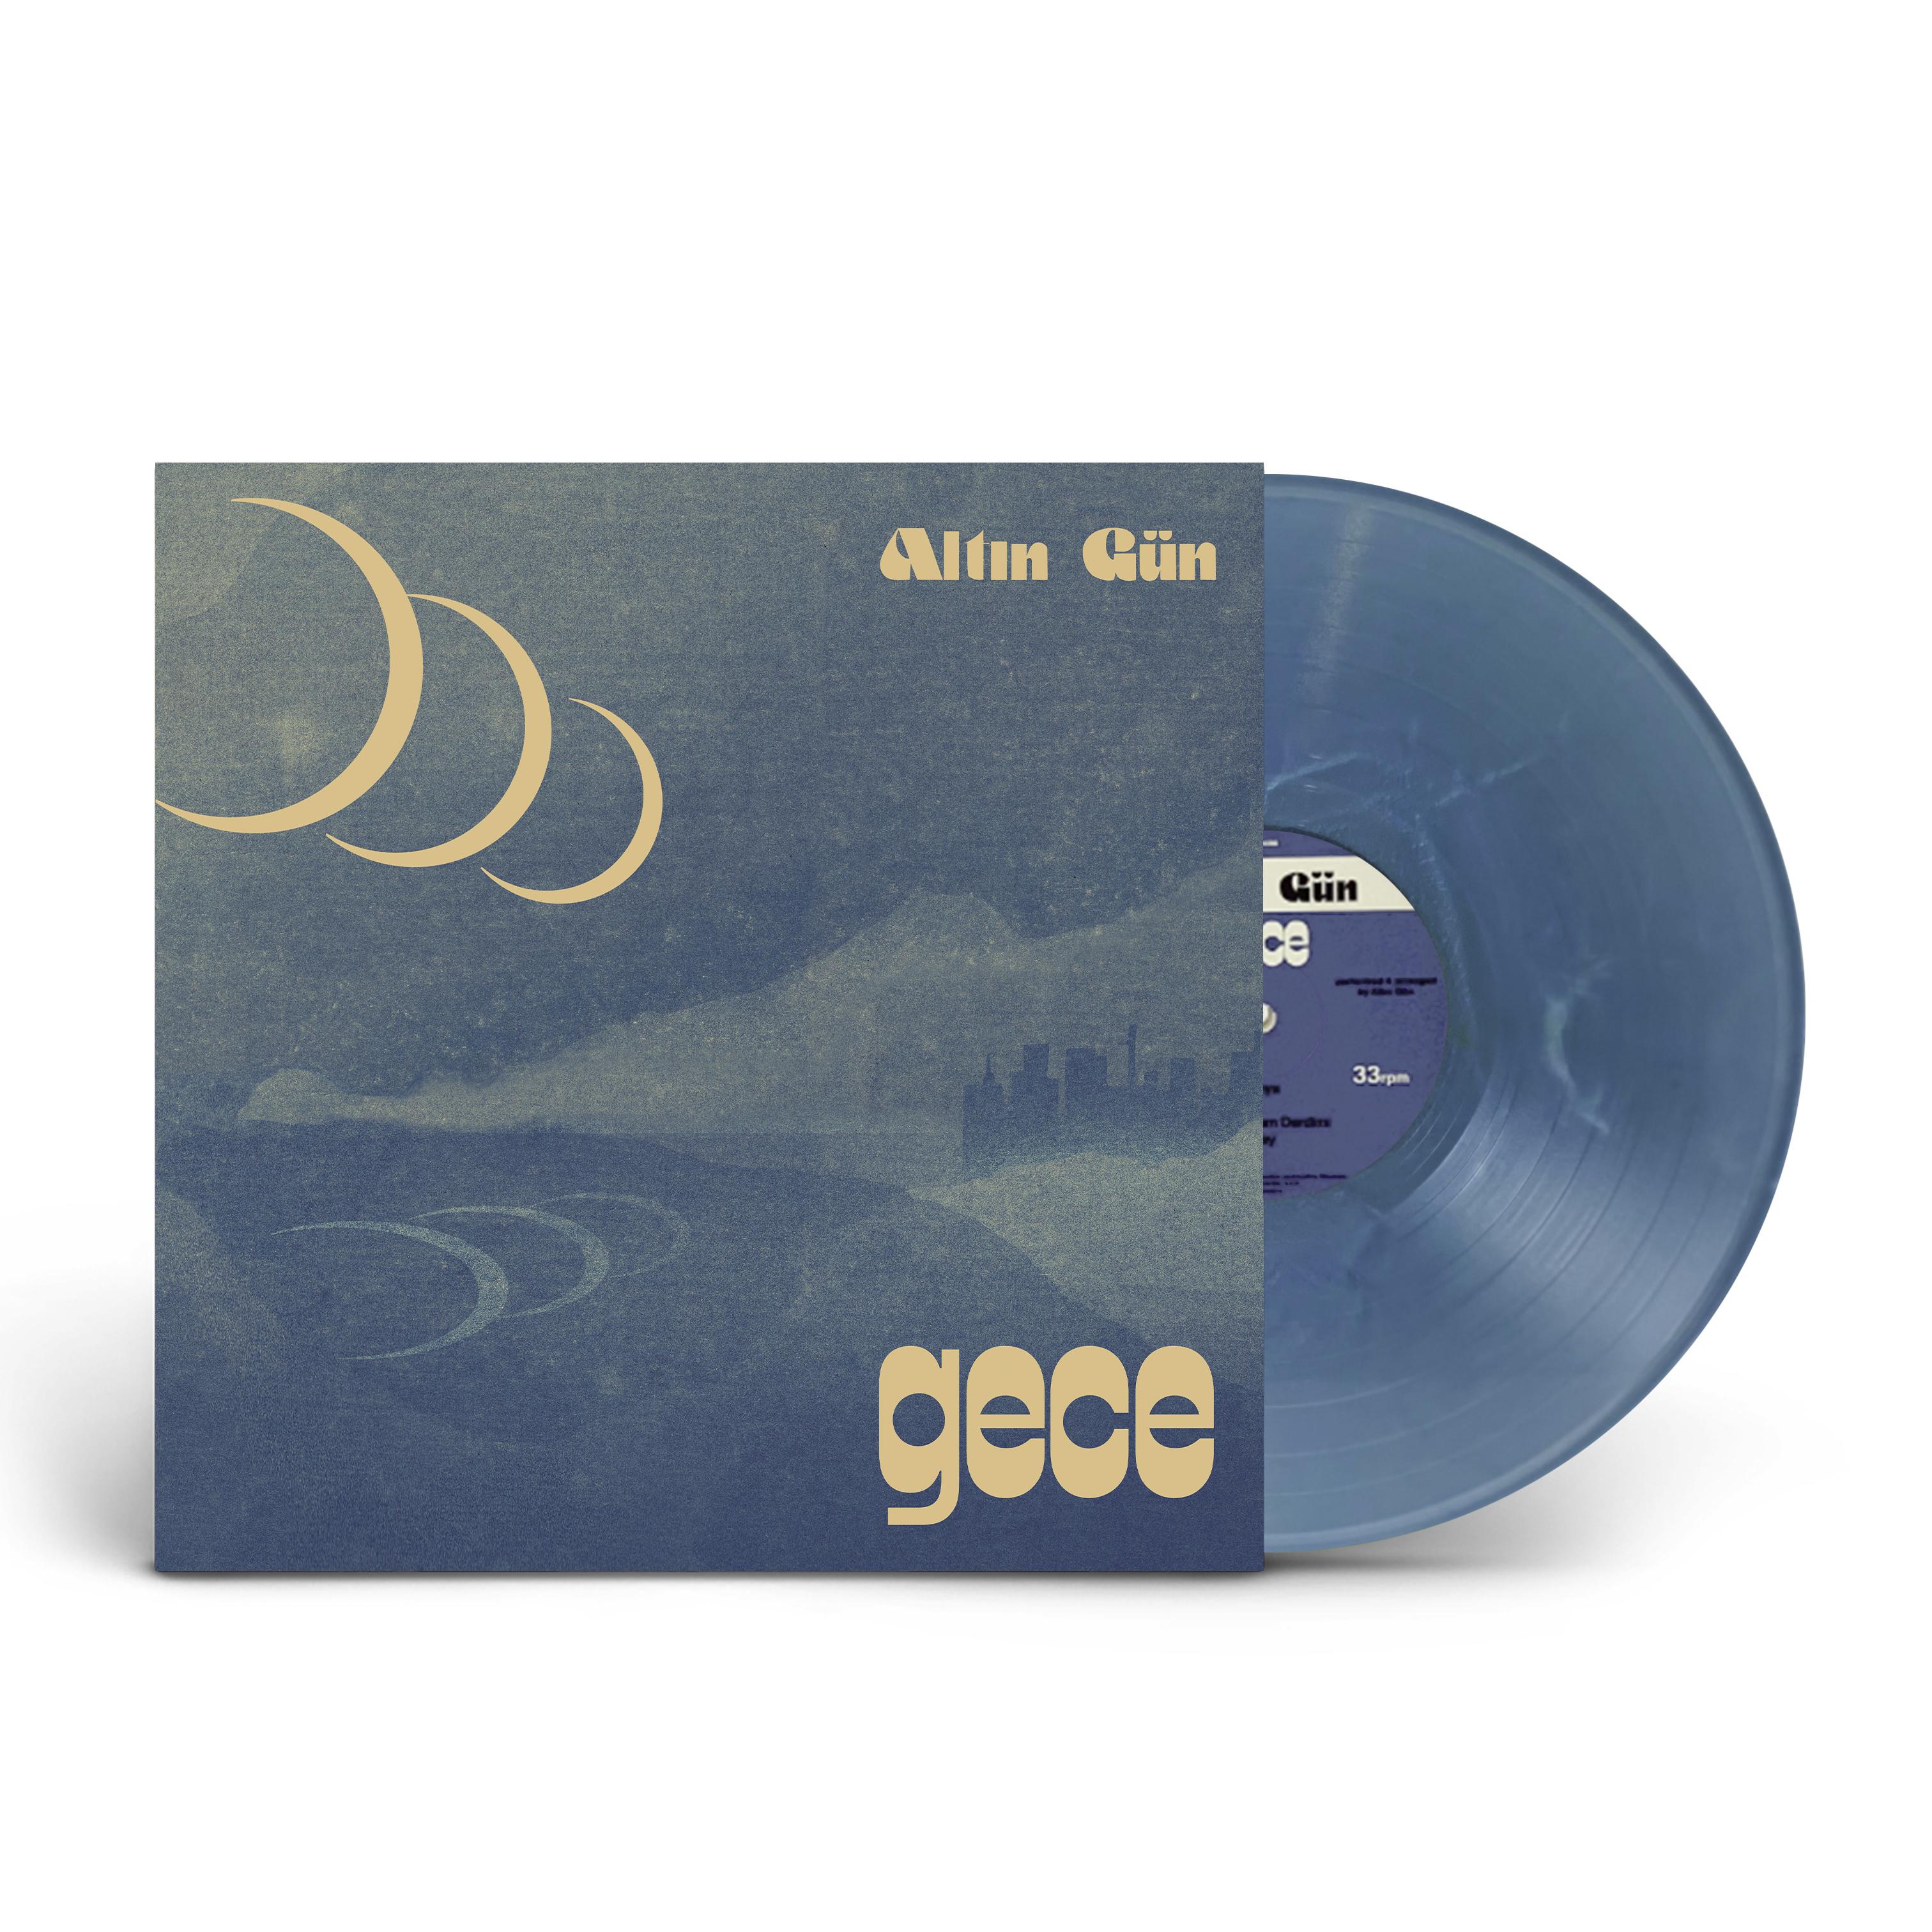 Altin Gün - Gece – Limited Edition Summer Sky Wave – Eco- Blue Vinyl